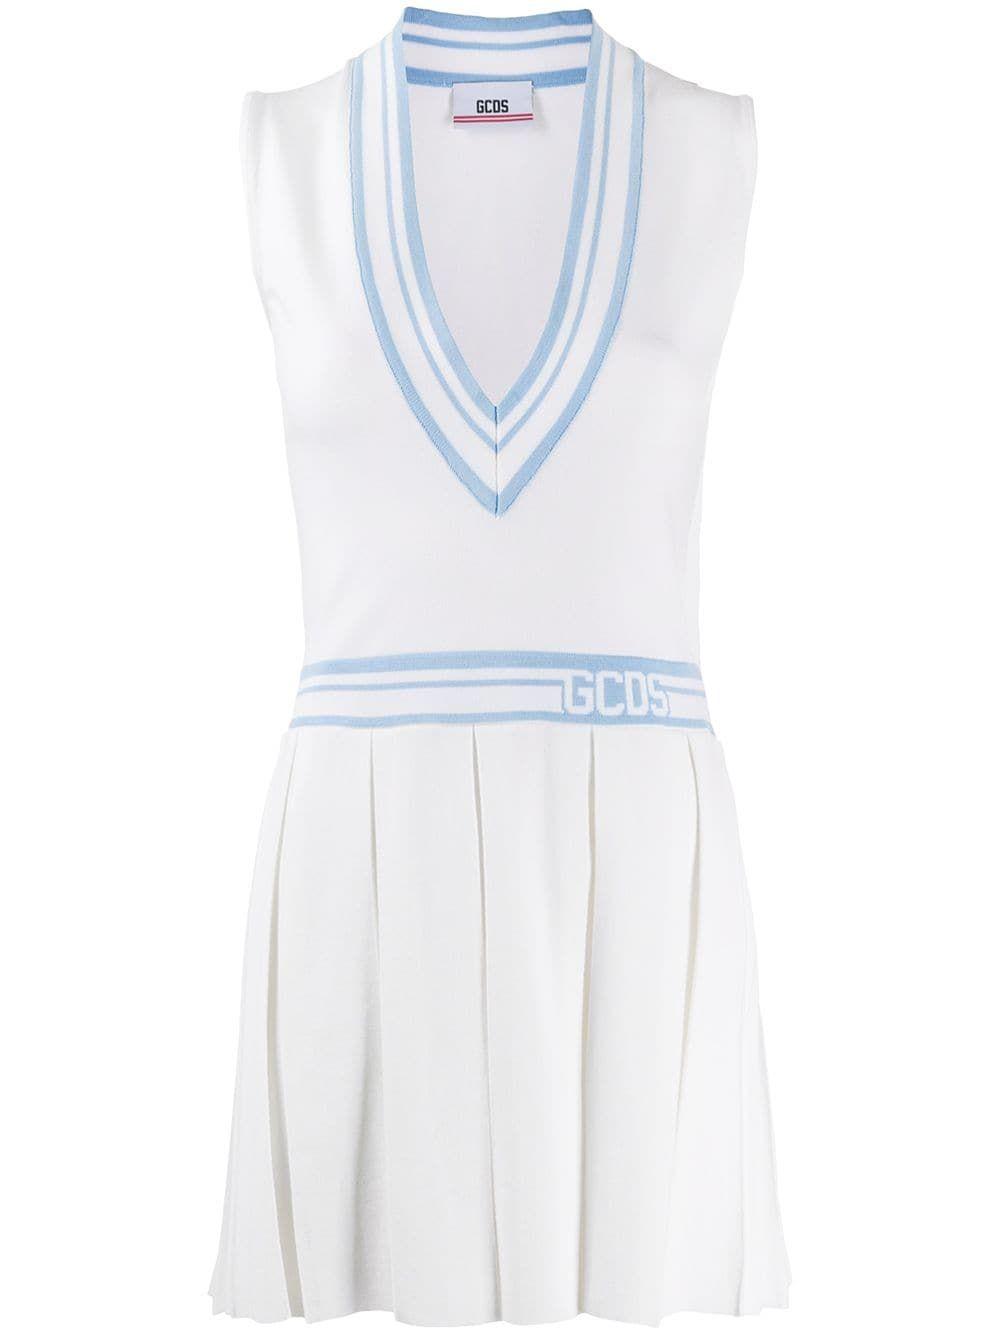 Gcds Deep V Neck Tennis Dress Farfetch Tennis Dress White Tennis Dress Active Wear Dresses [ 1334 x 1000 Pixel ]